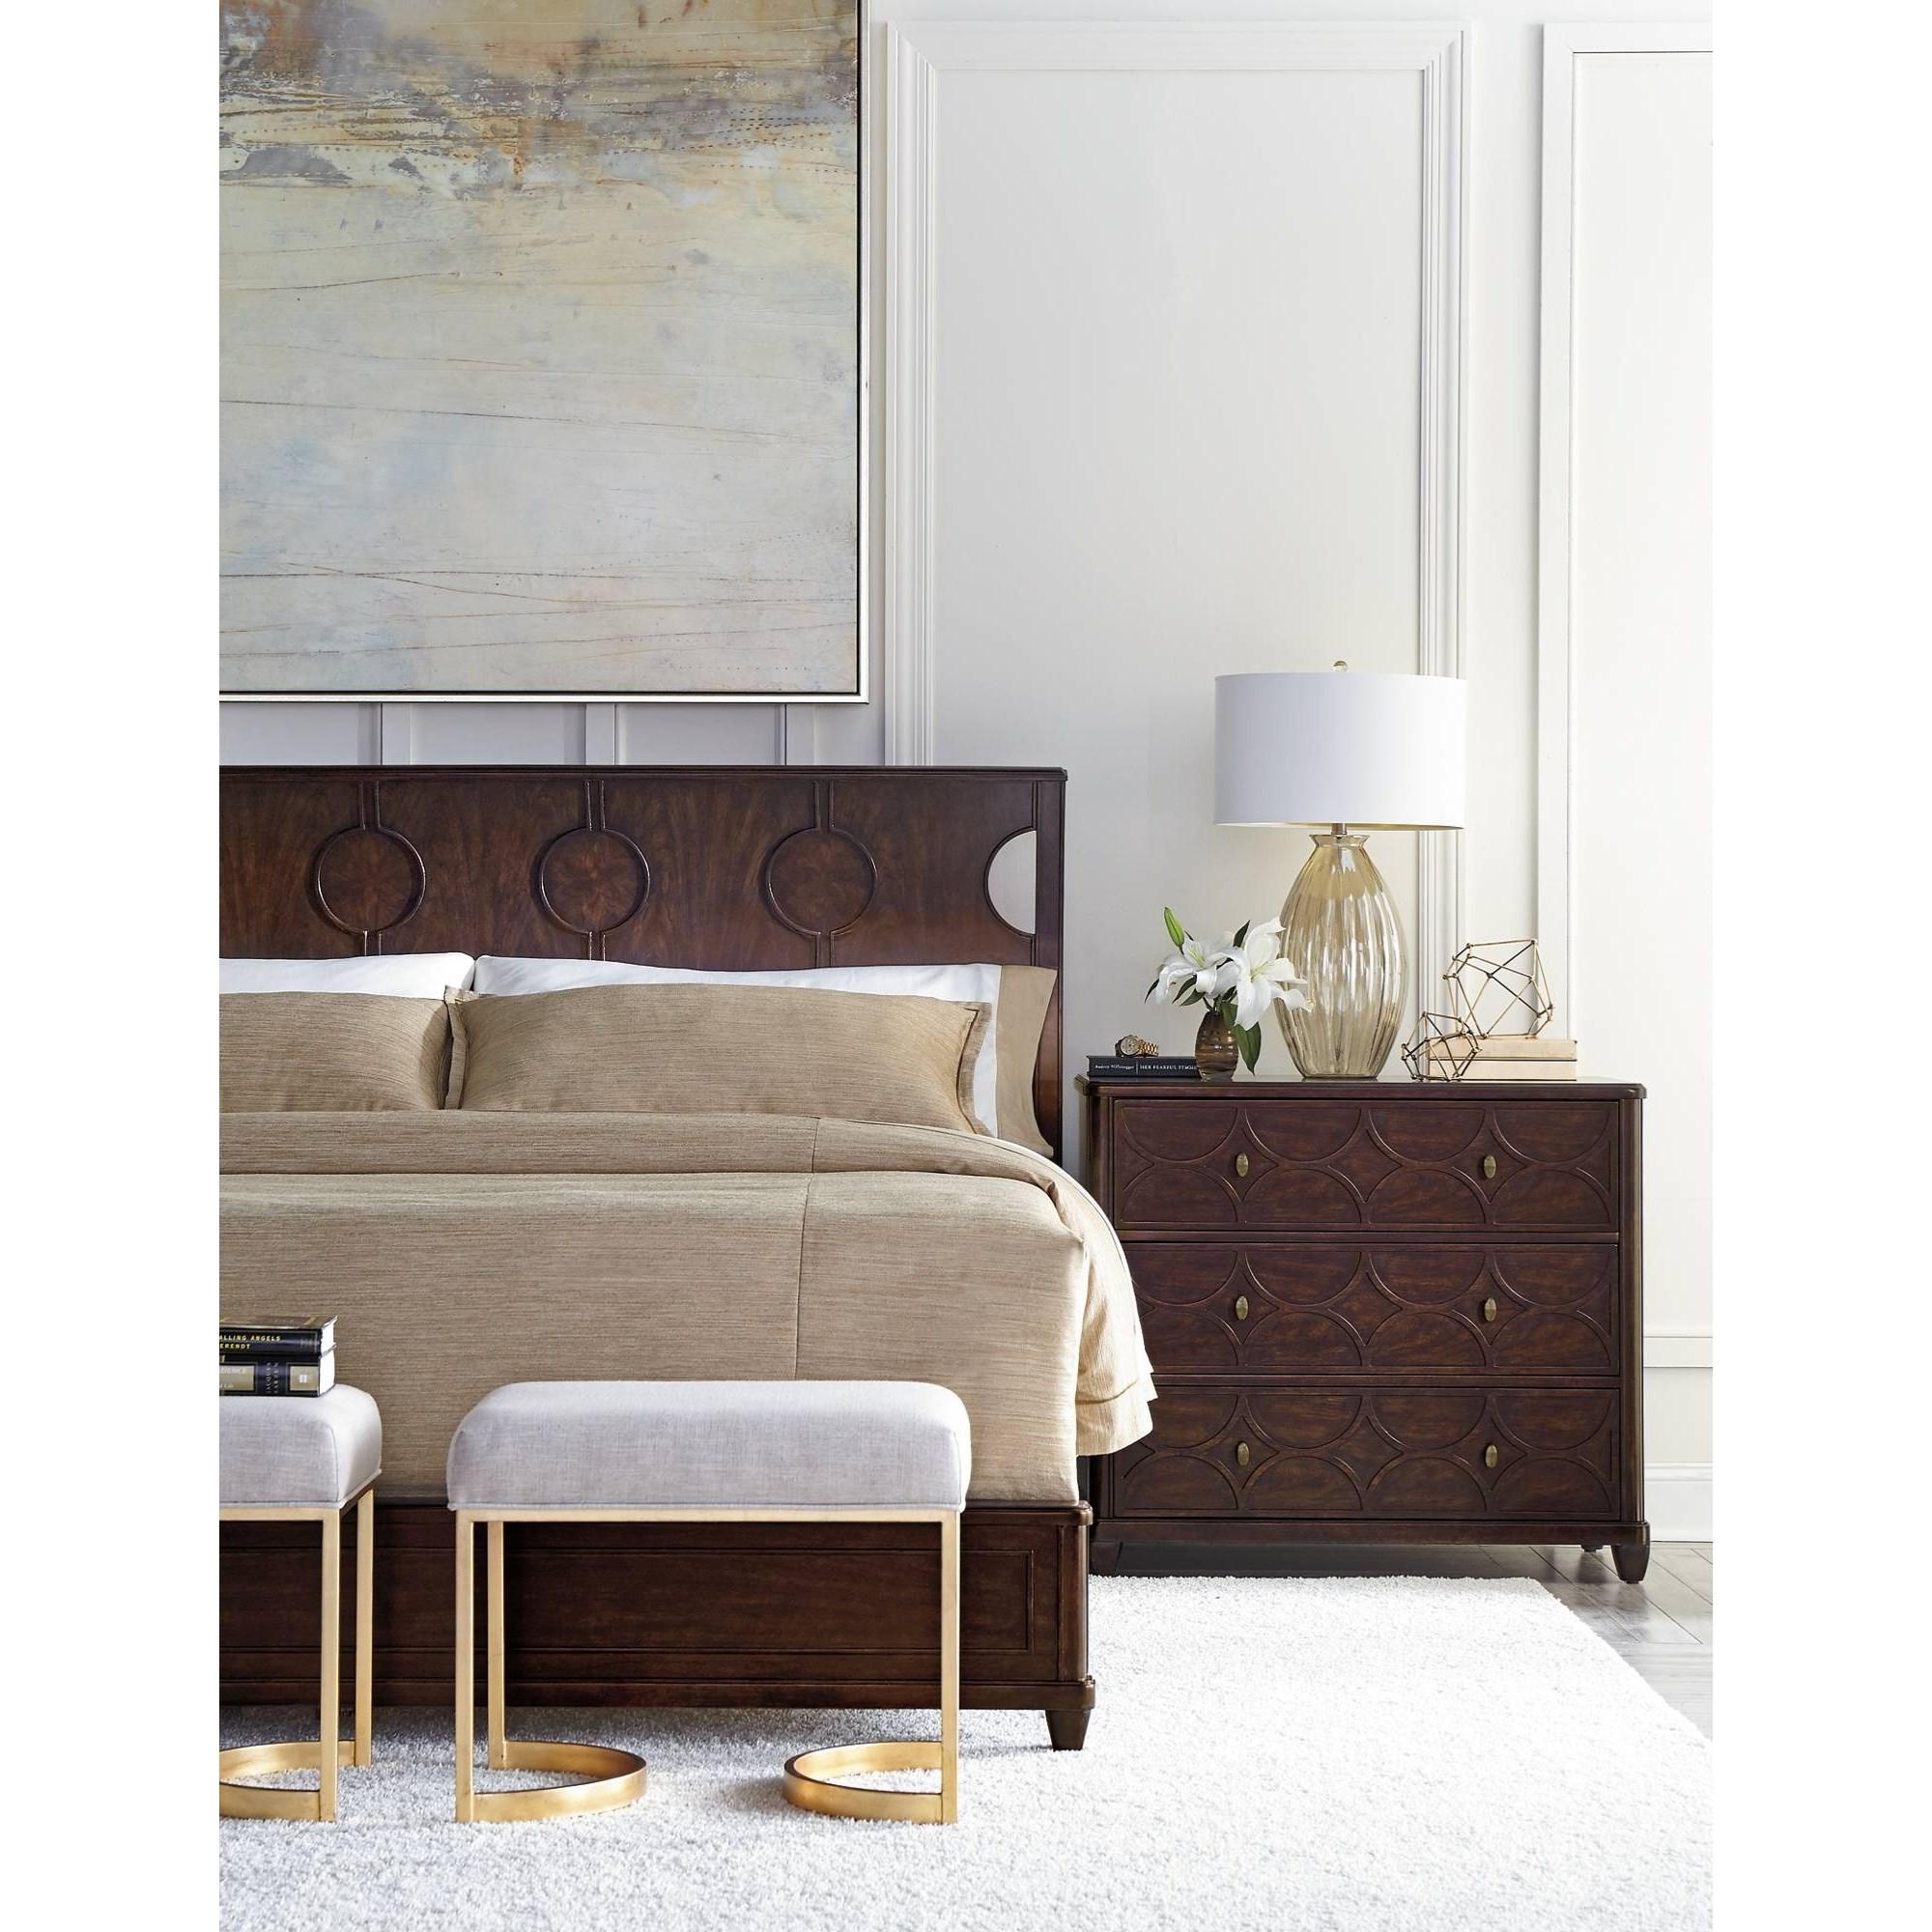 Stanley furniture virage king bedroom group belfort furniture bedroom groups for Stanley furniture bedroom set